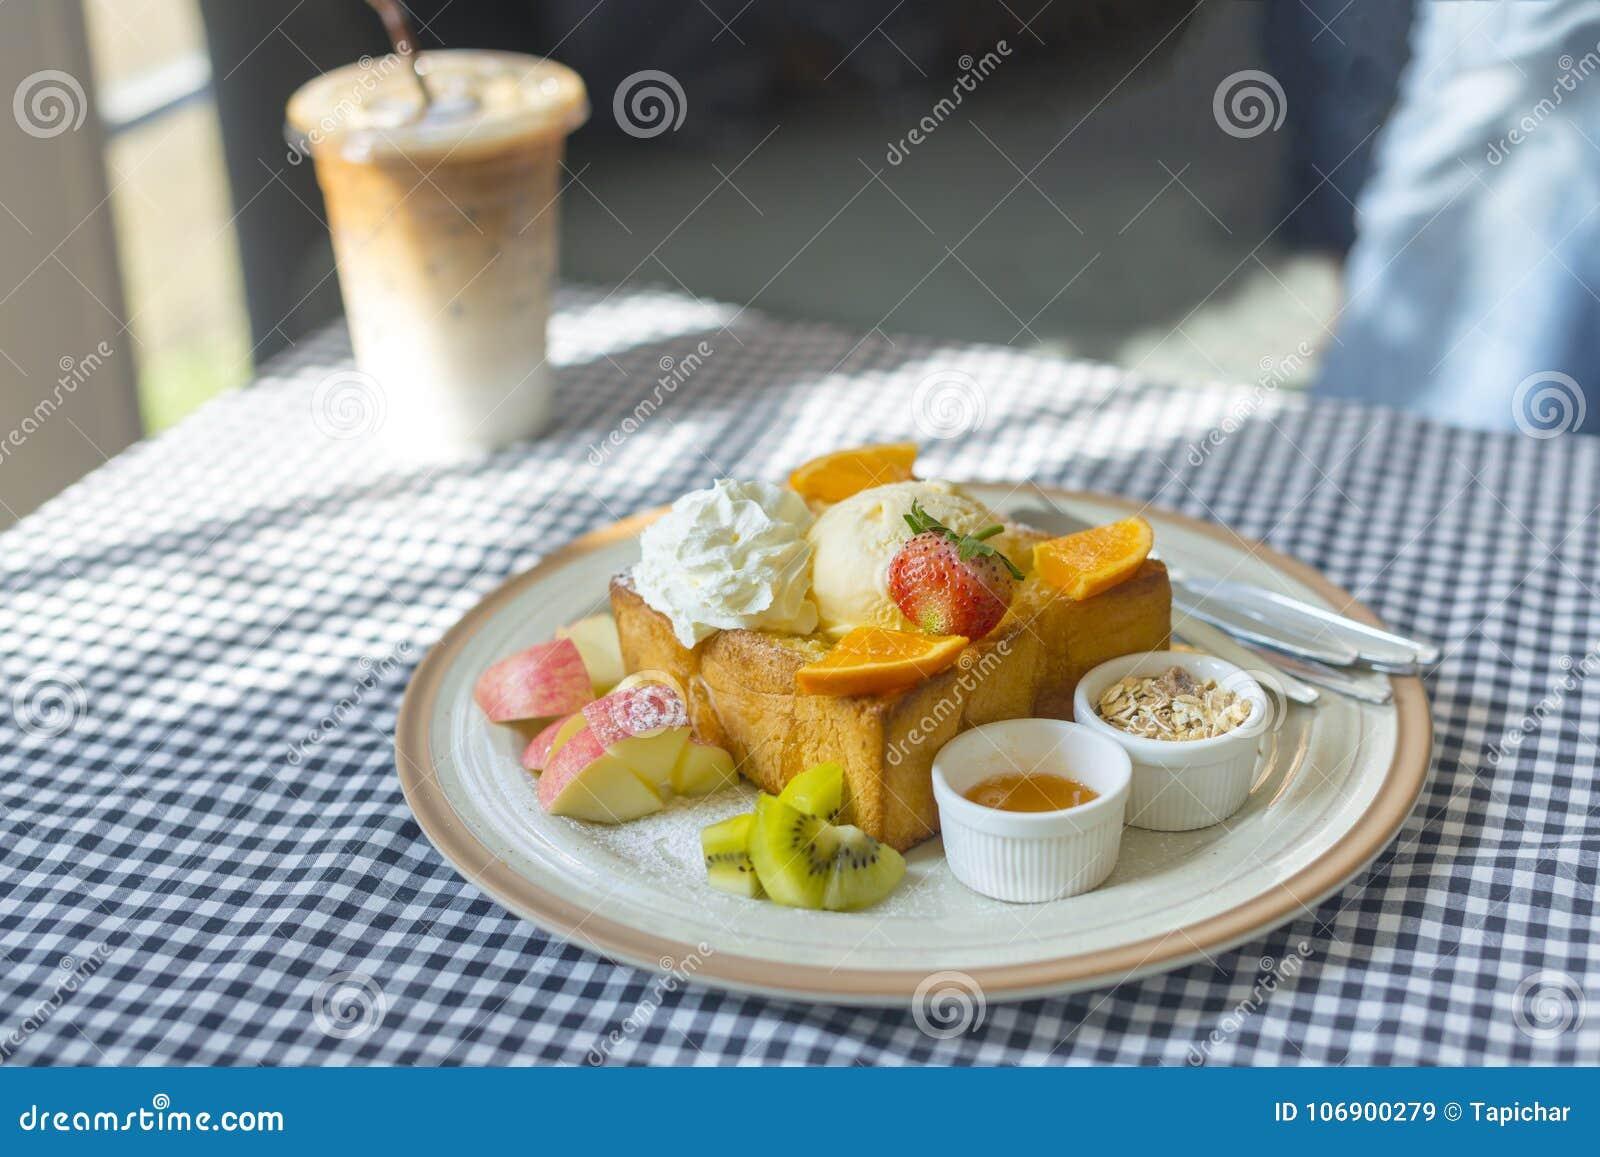 Miodowej grzanki Popularny jedzenie na stole